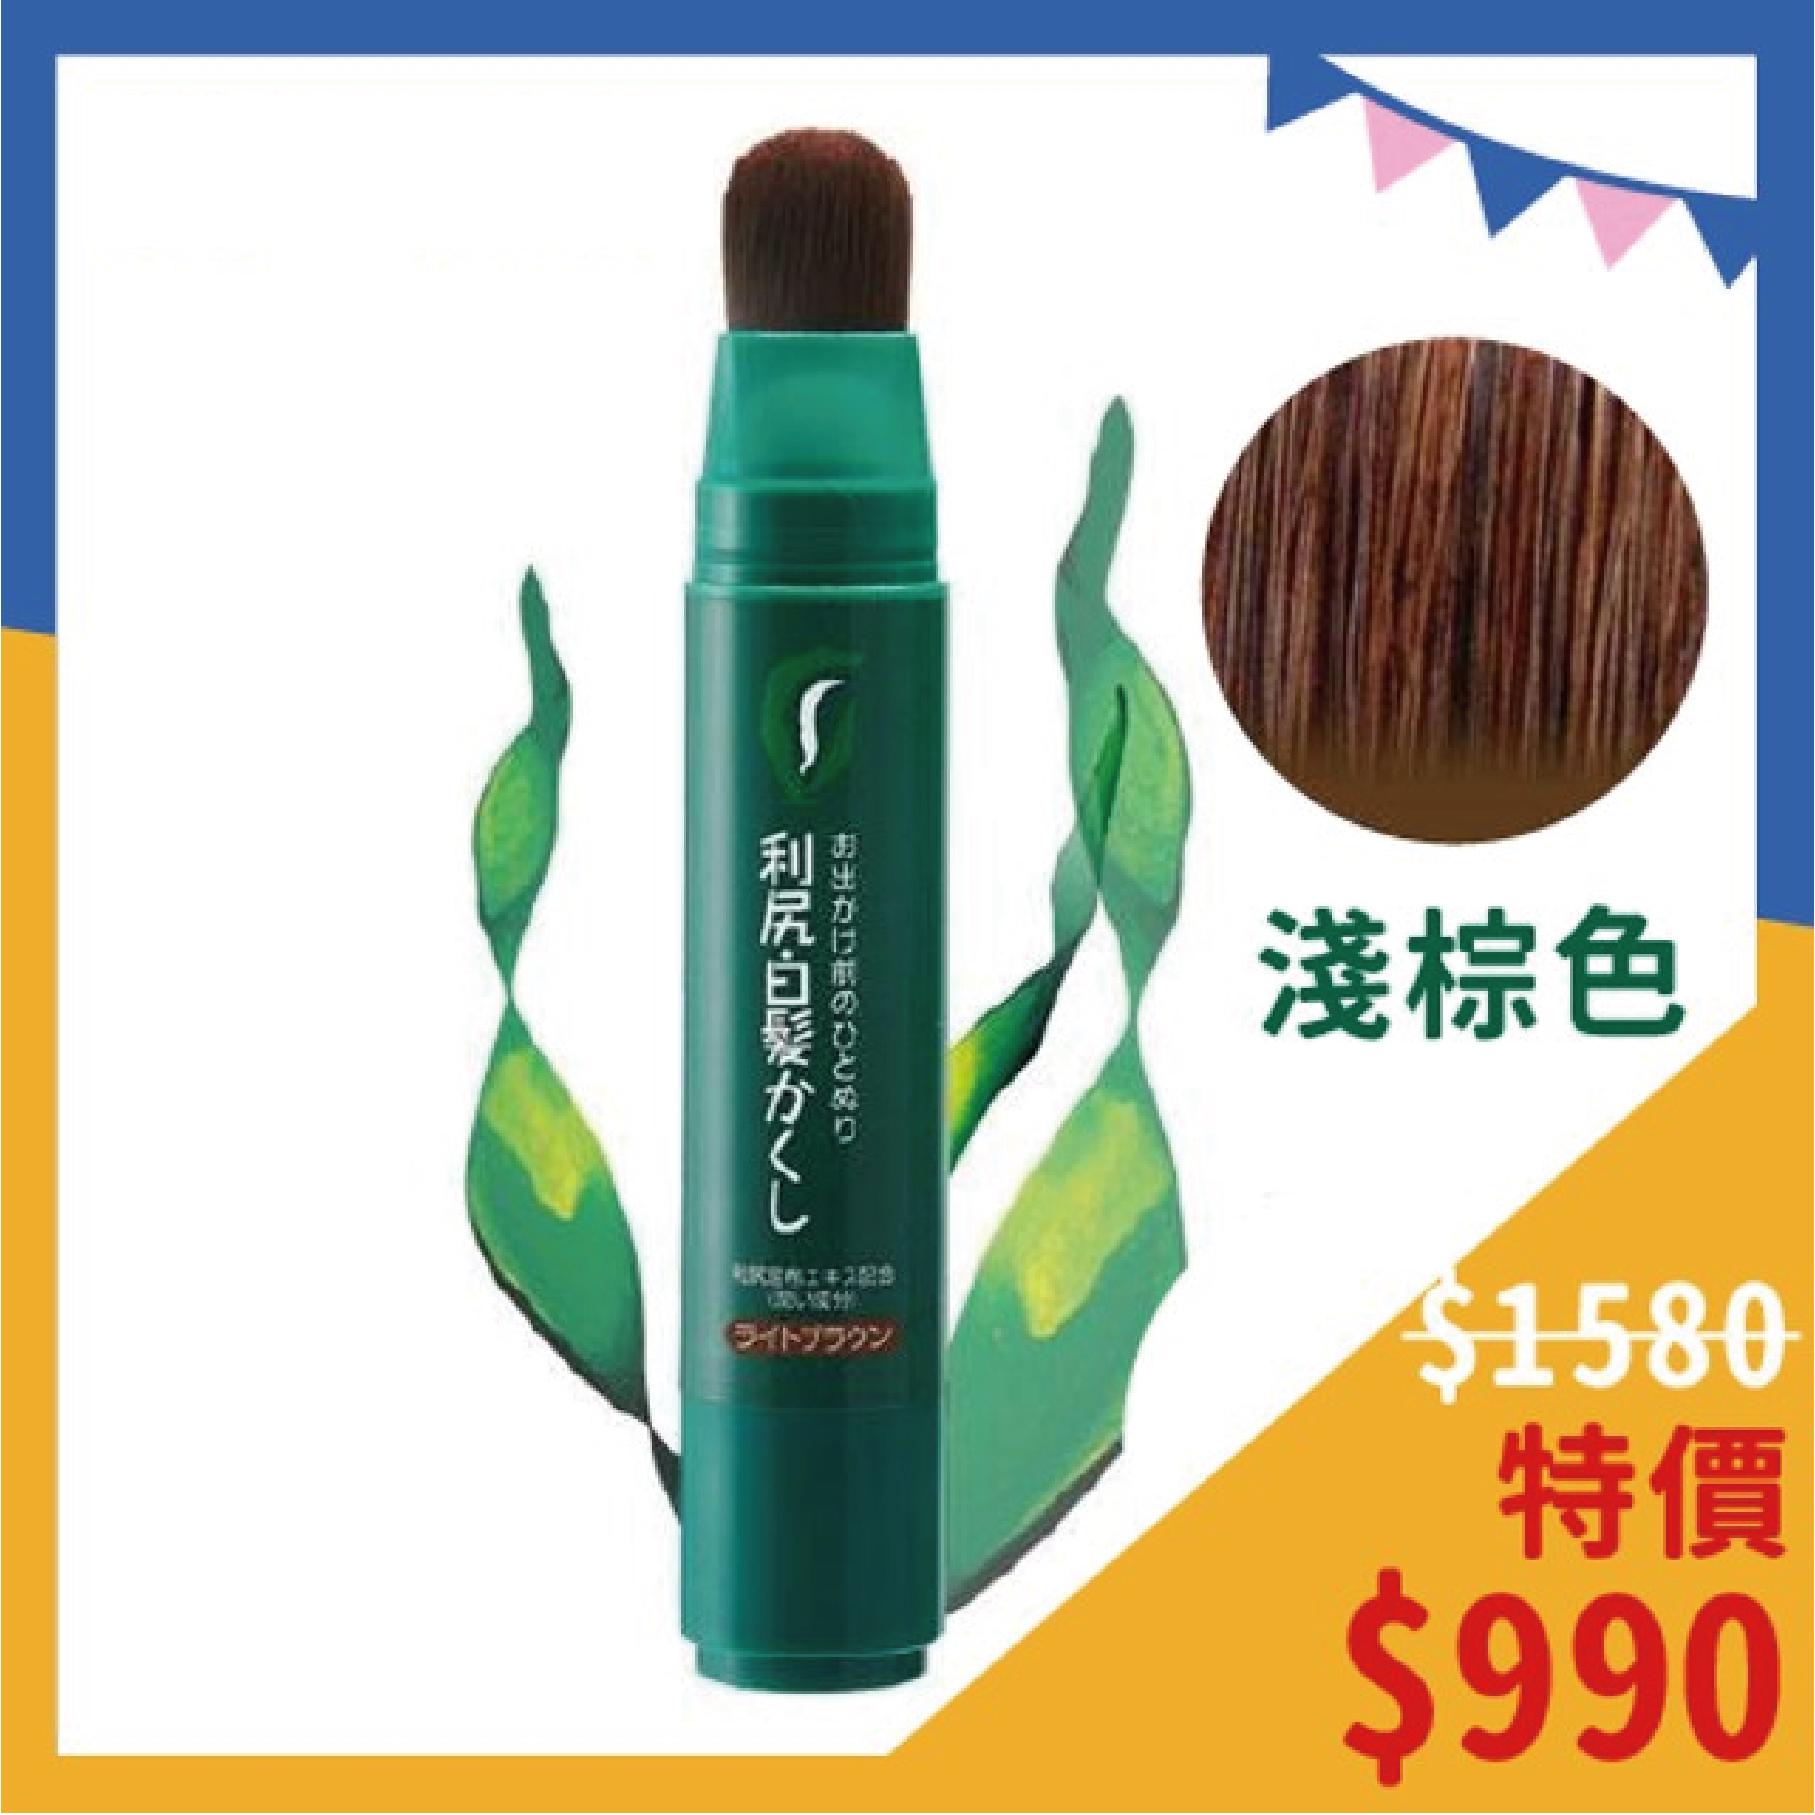 【過年迎新色】【Sastty】日本利尻昆布染髮筆★限定優惠、白髮專用無添加、不致癌、不過敏共三色可選